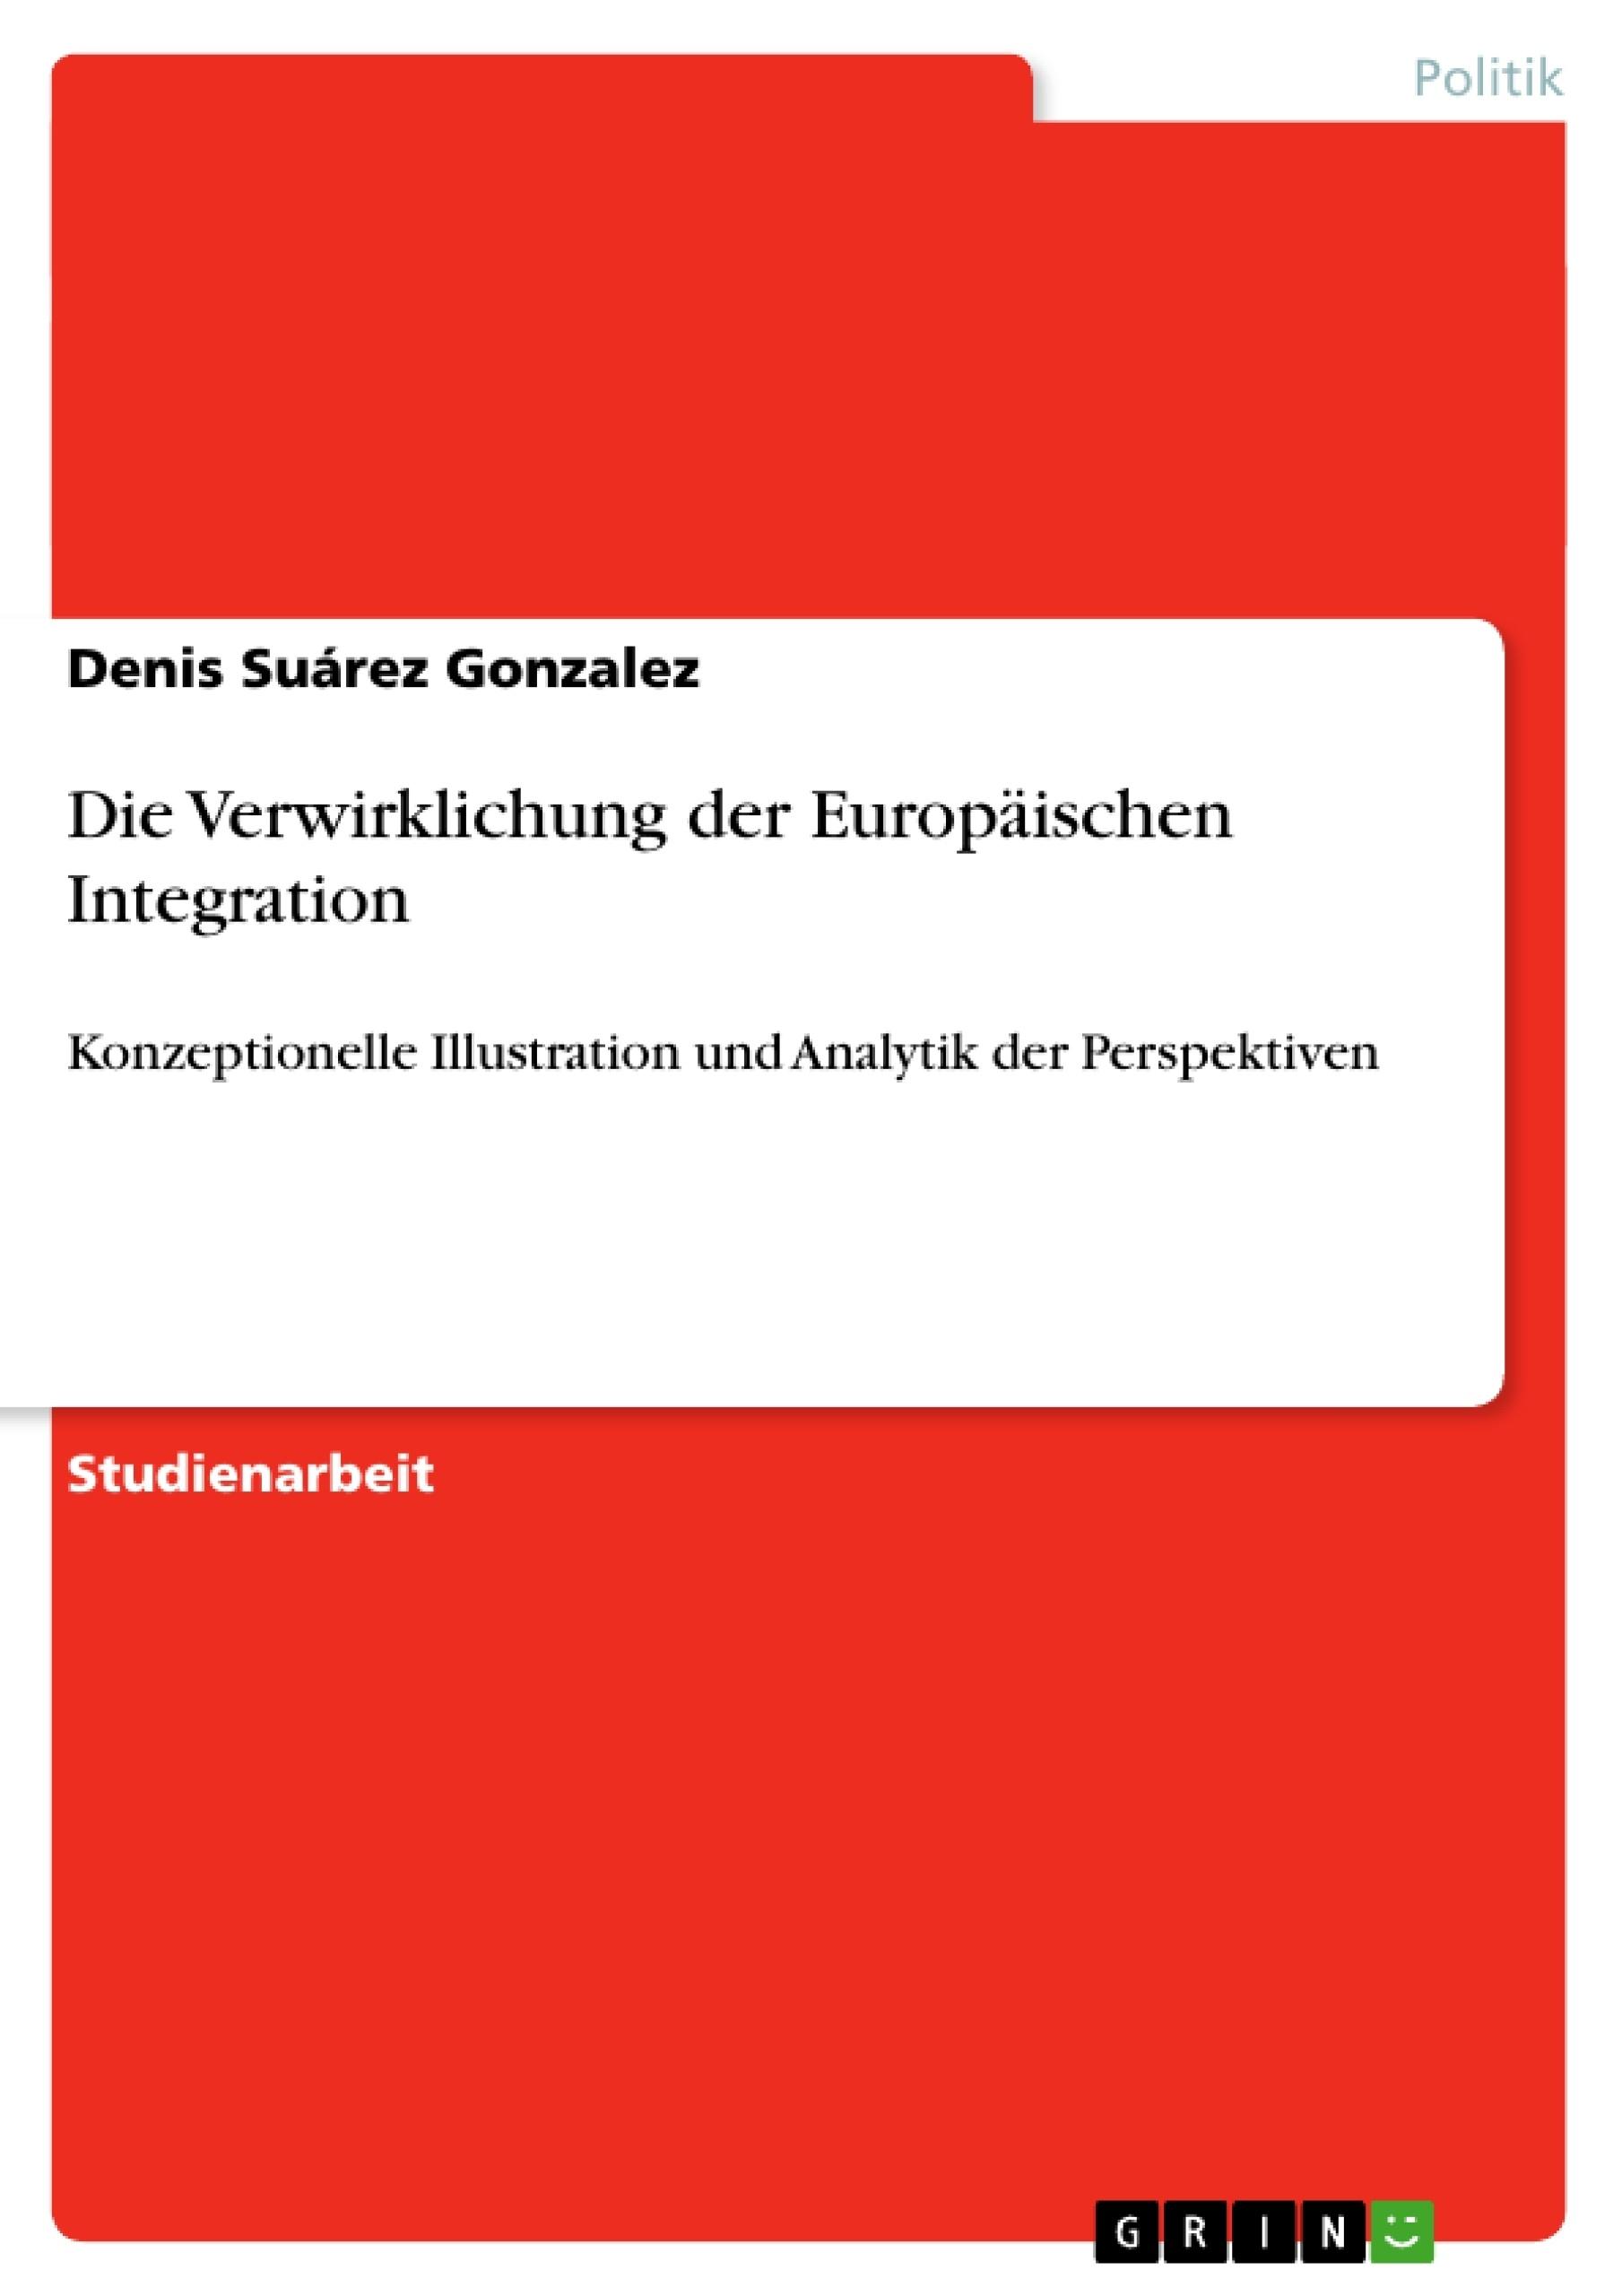 Titel: Die Verwirklichung der Europäischen Integration